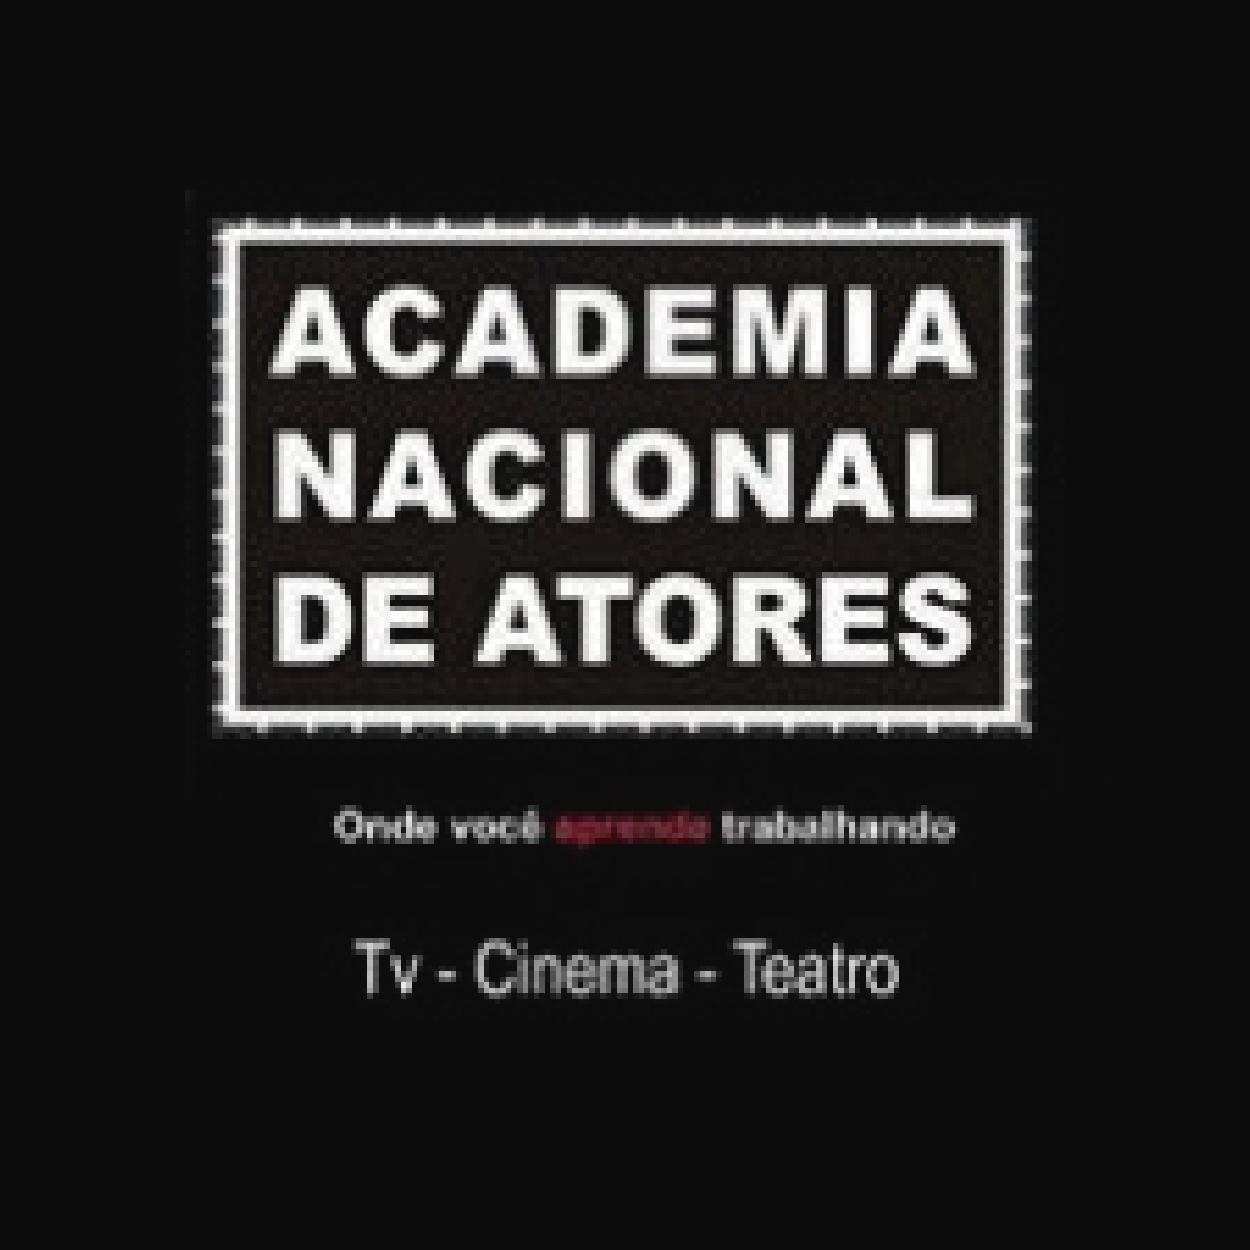 Academia de Atores